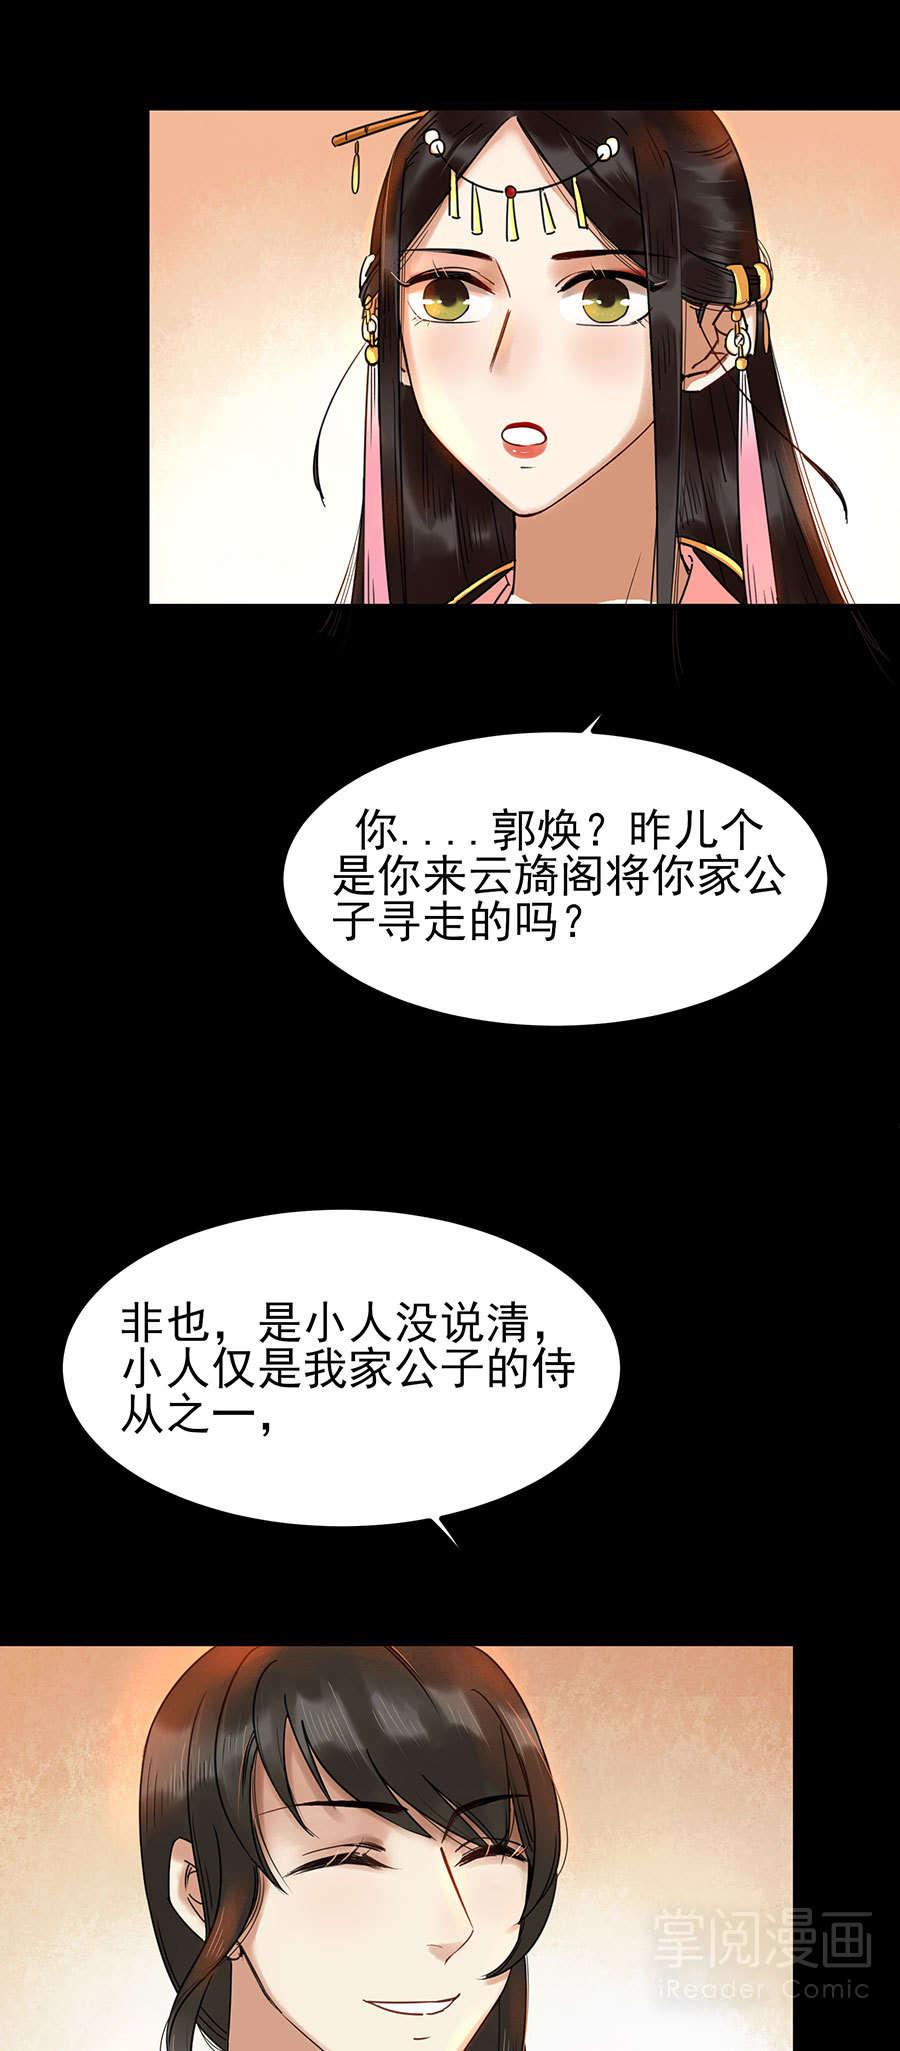 晚唐烟华第8话  失约(评论有礼) 第 4